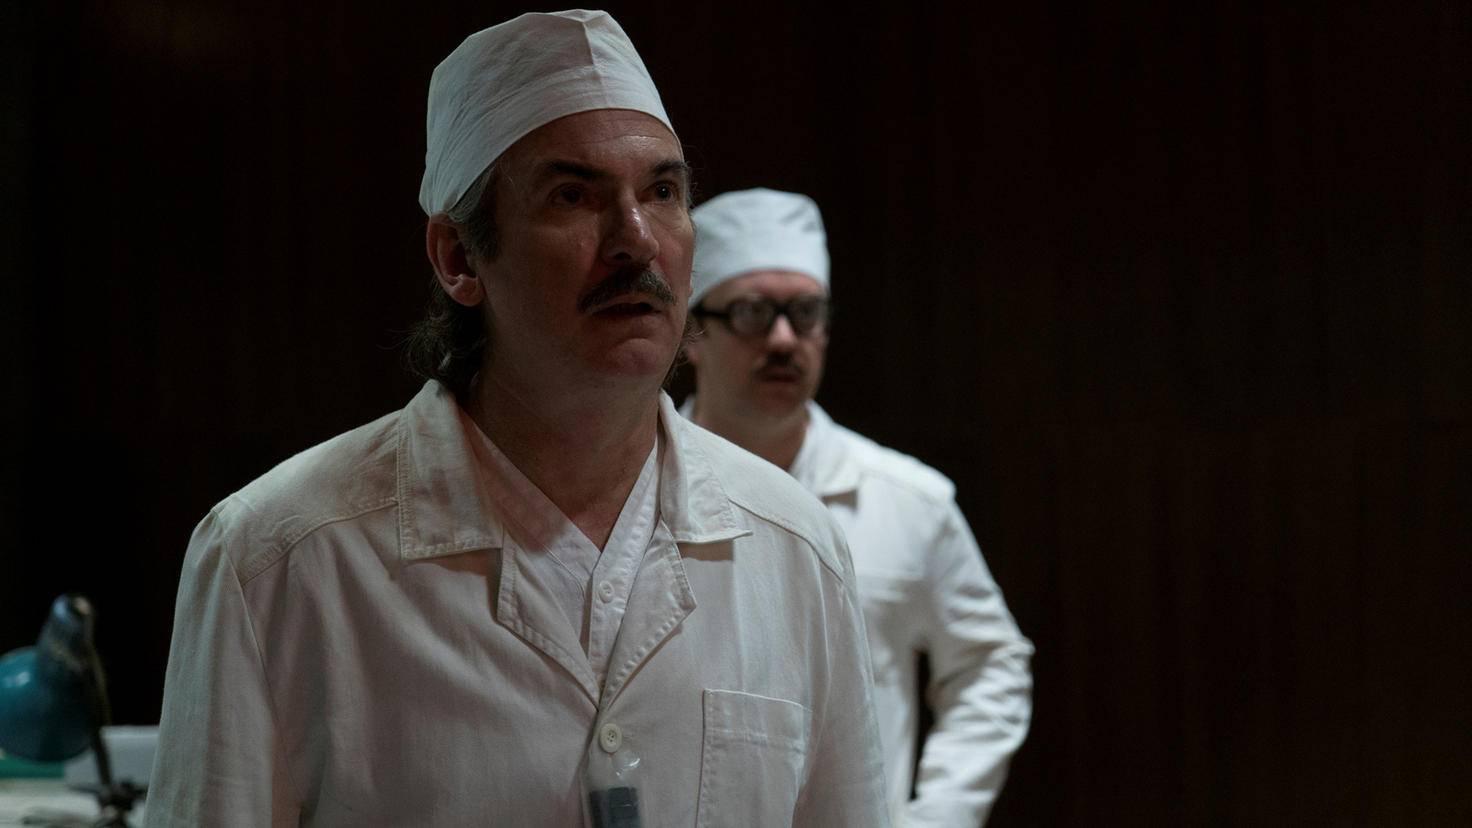 Projektleiter Dyatlov (links) will davon nichts hören, dass der Kernreaktor explodiert ist.